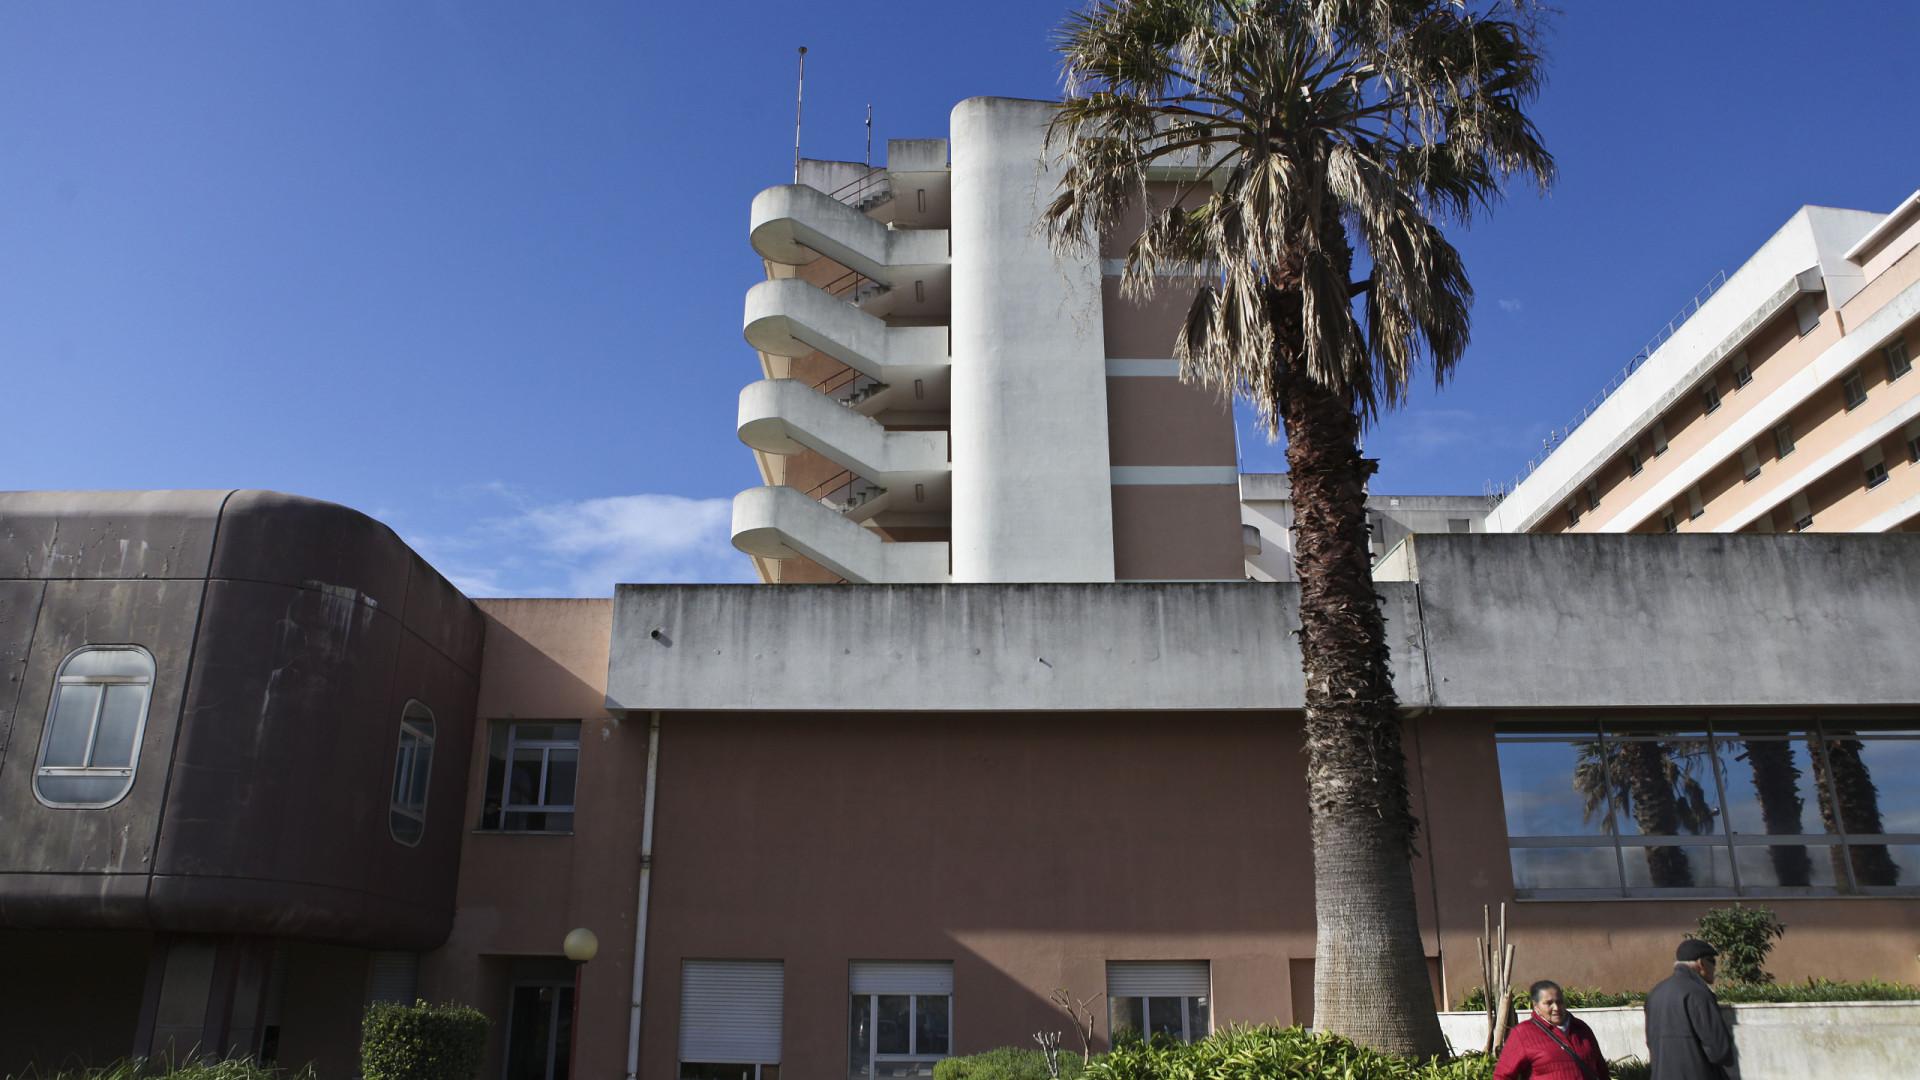 Garcia de Orta encaminha grávidas para hospitais por falta de médicos